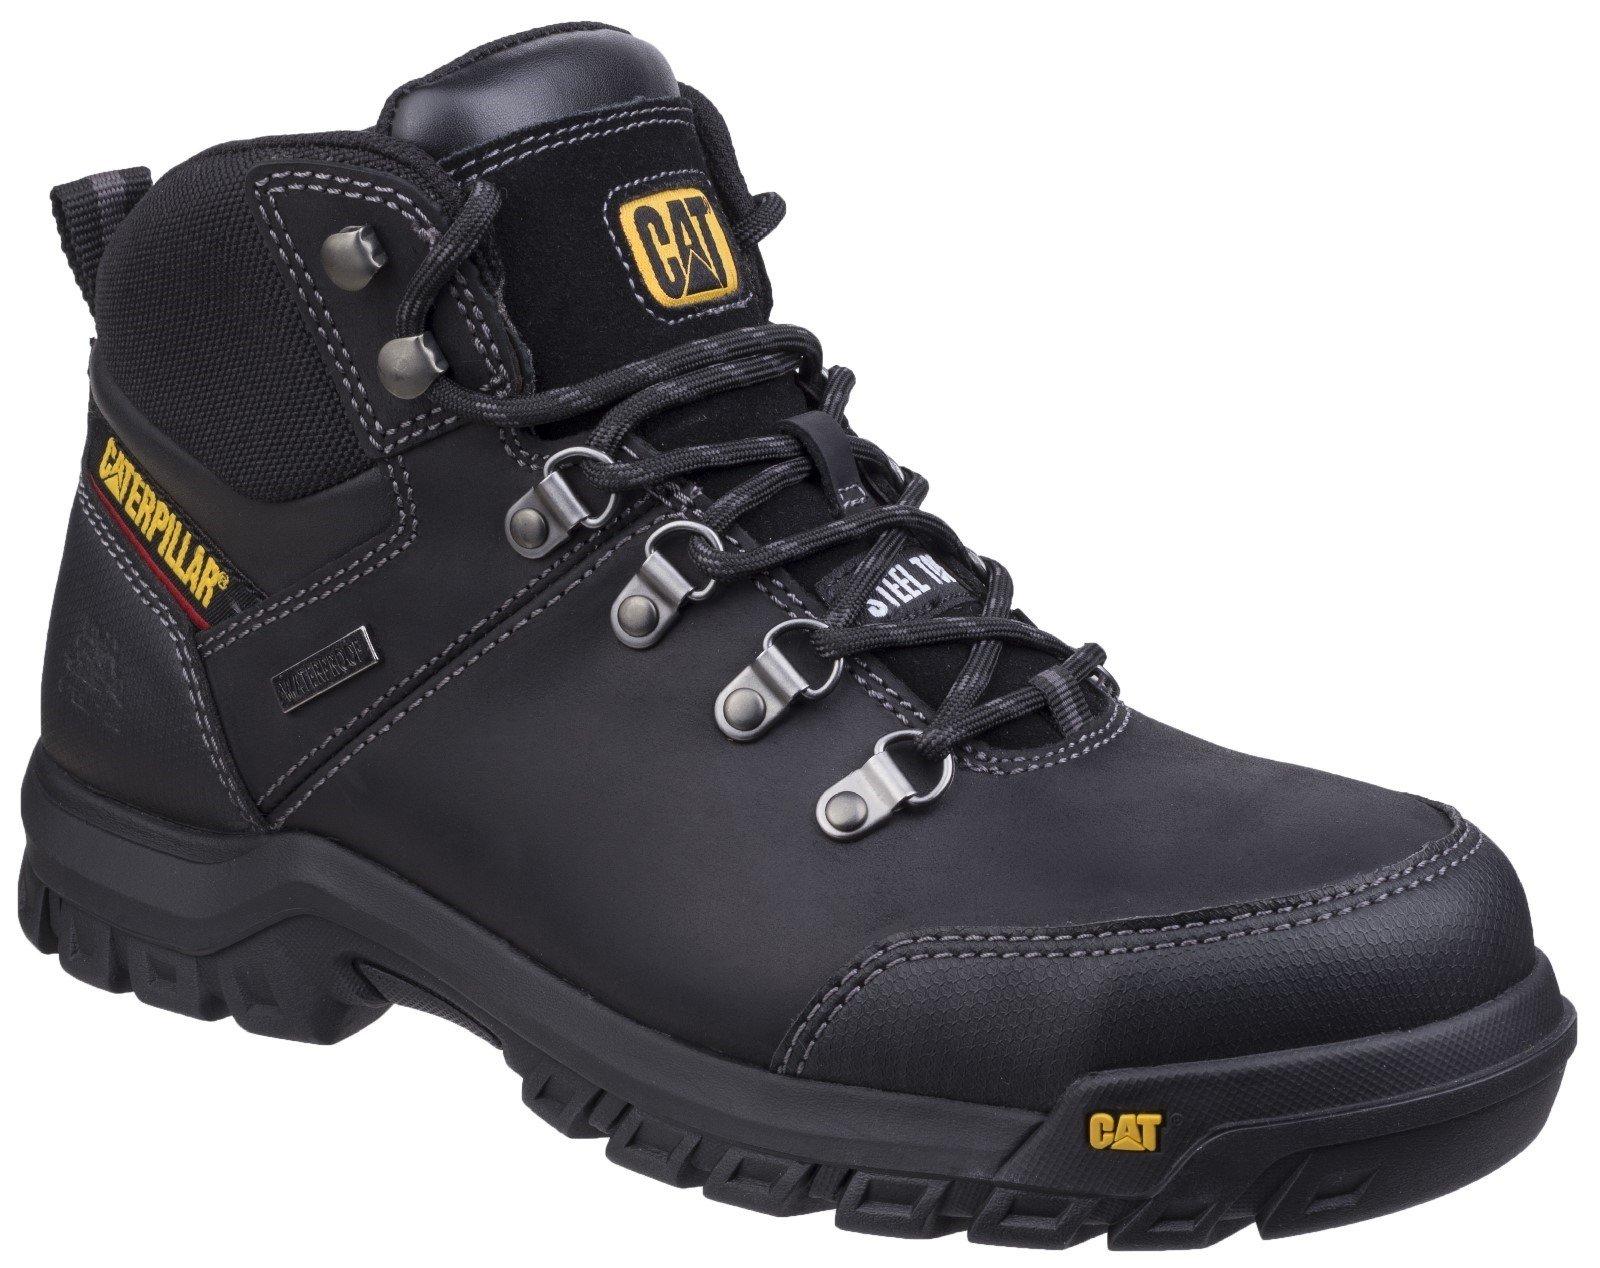 Caterpillar Men's Framework Boot Black 26946 - Black 6